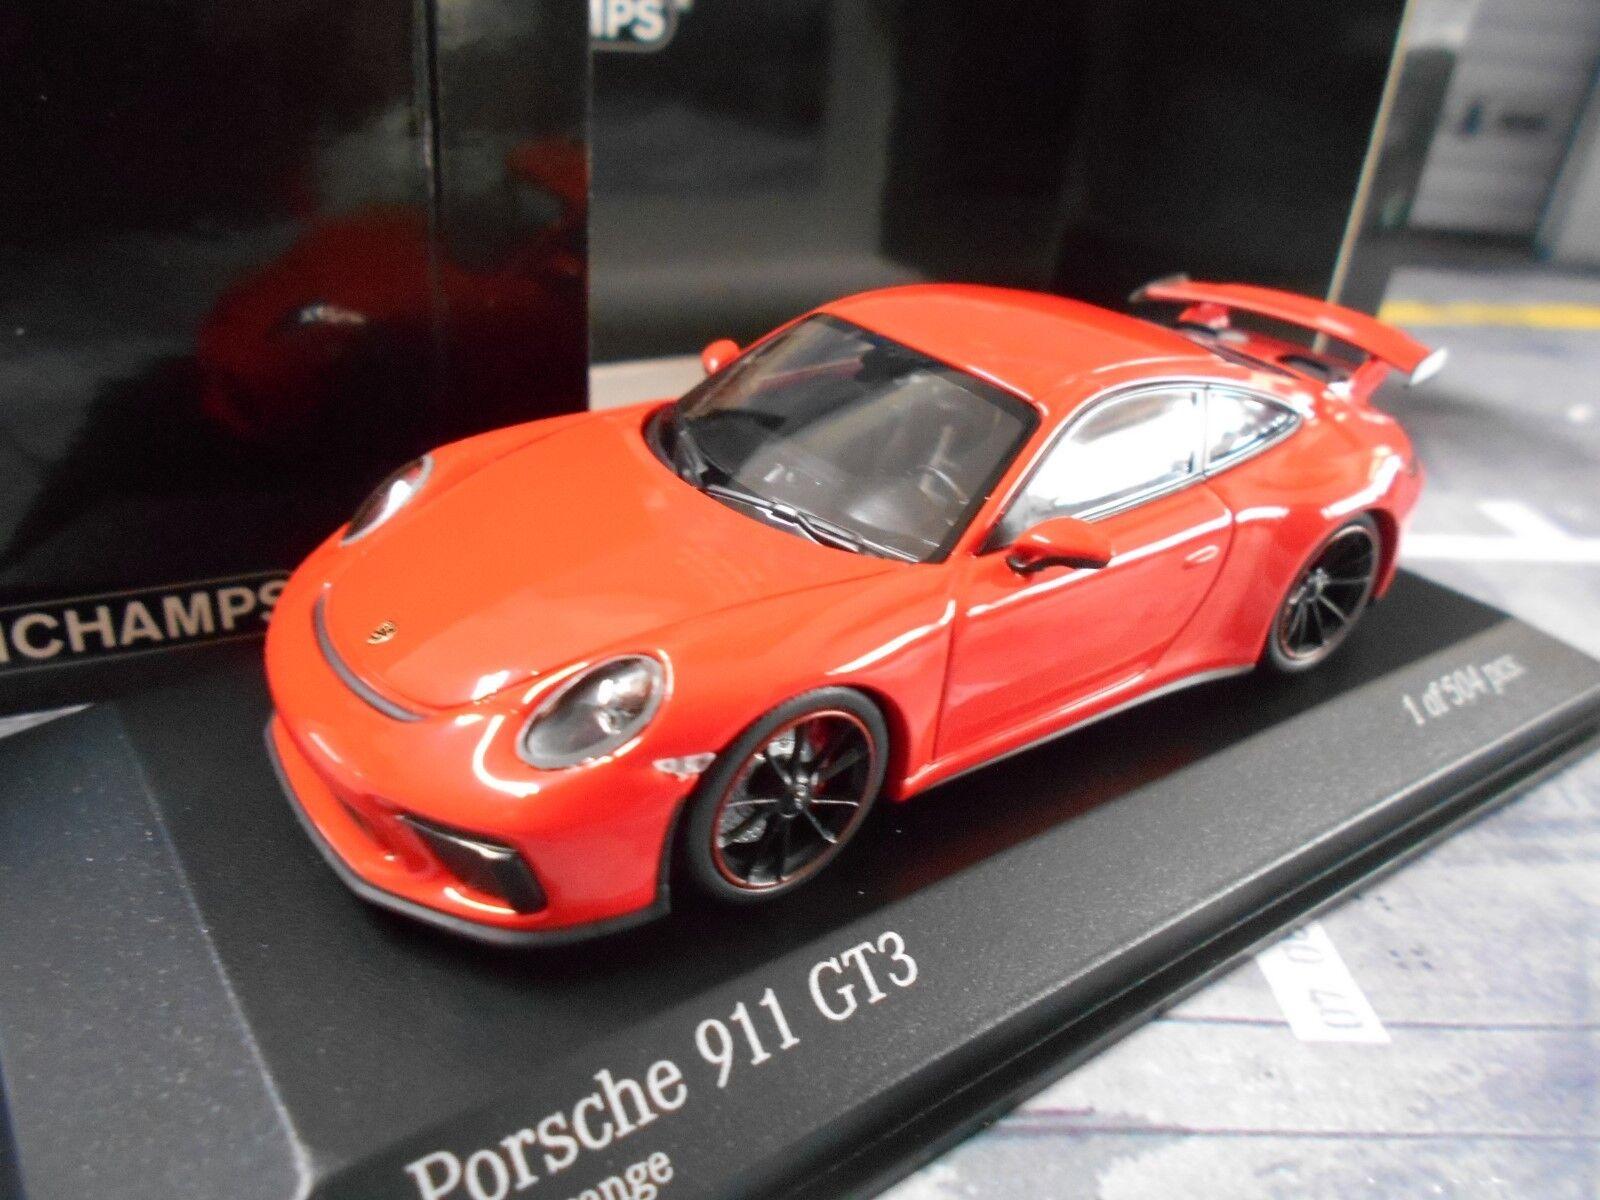 PORSCHE 911 991 gt3 Carrera 2017 COUPE ROSSO rosso arancia lava Minichamps 1:43